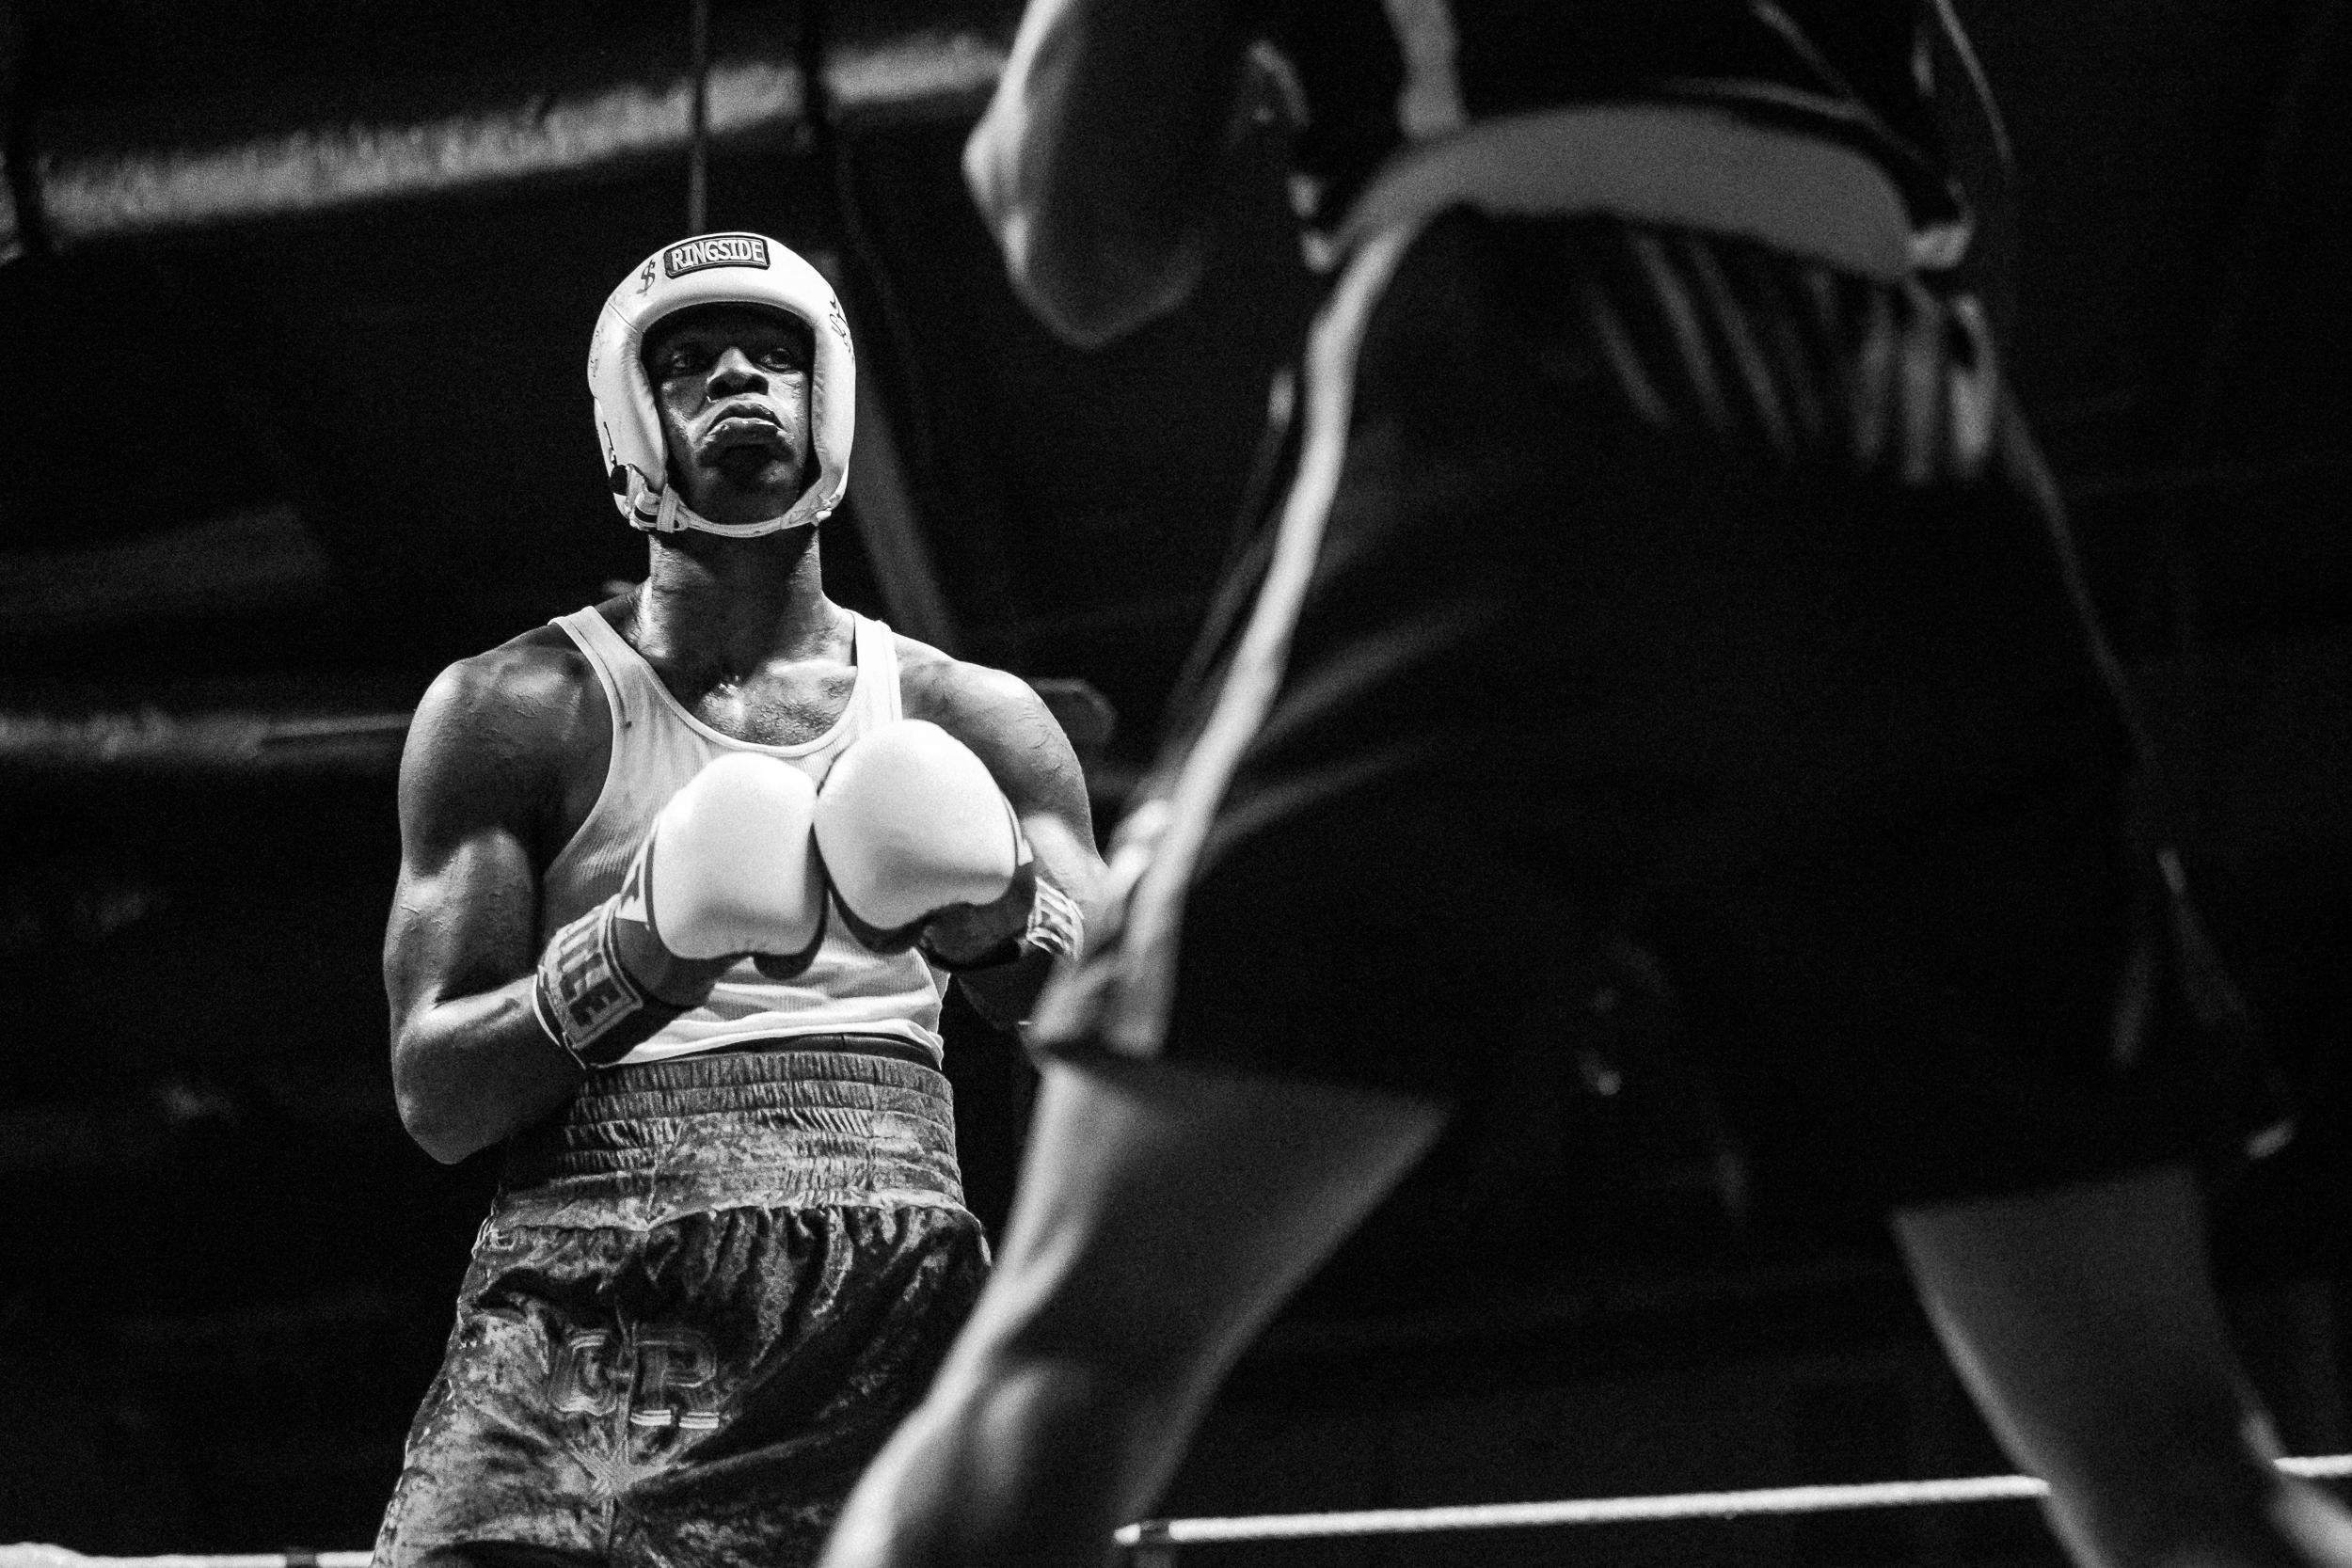 boxer cr-4.jpg